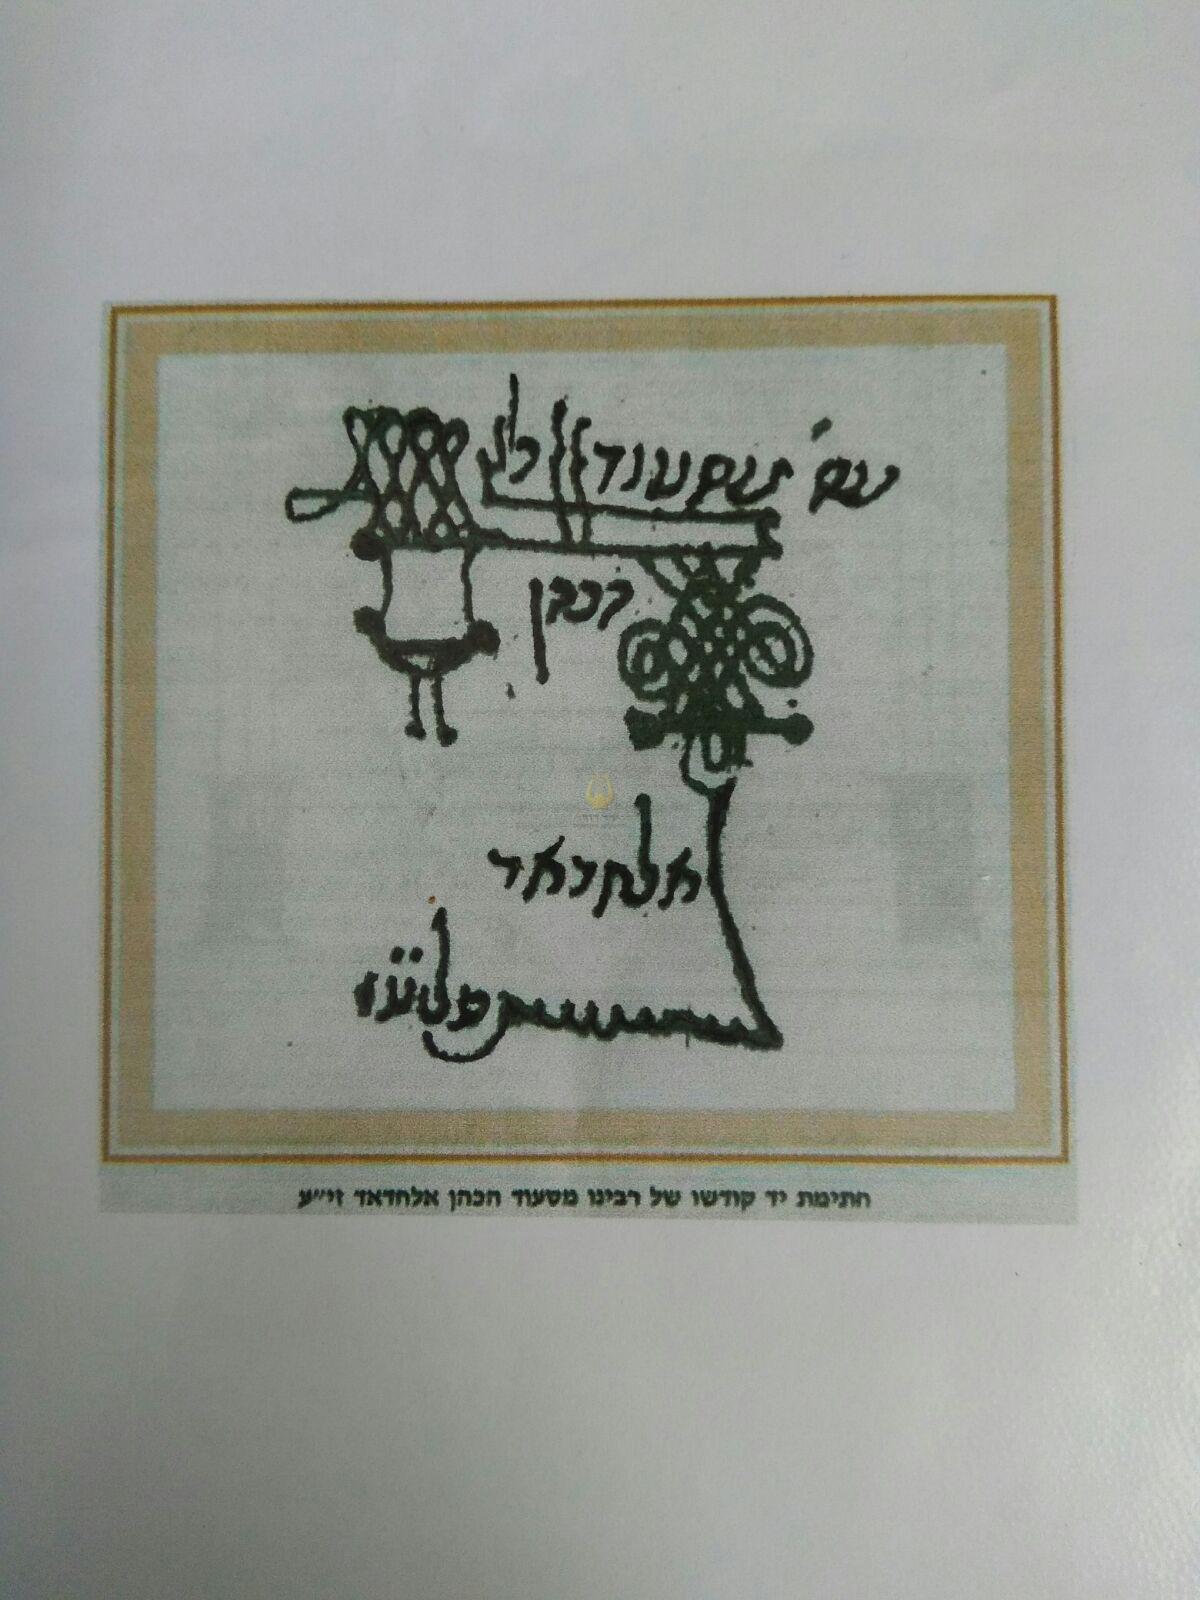 חתימת המקובל האלוקי רבנו מסעוד הכהן אלחדאד